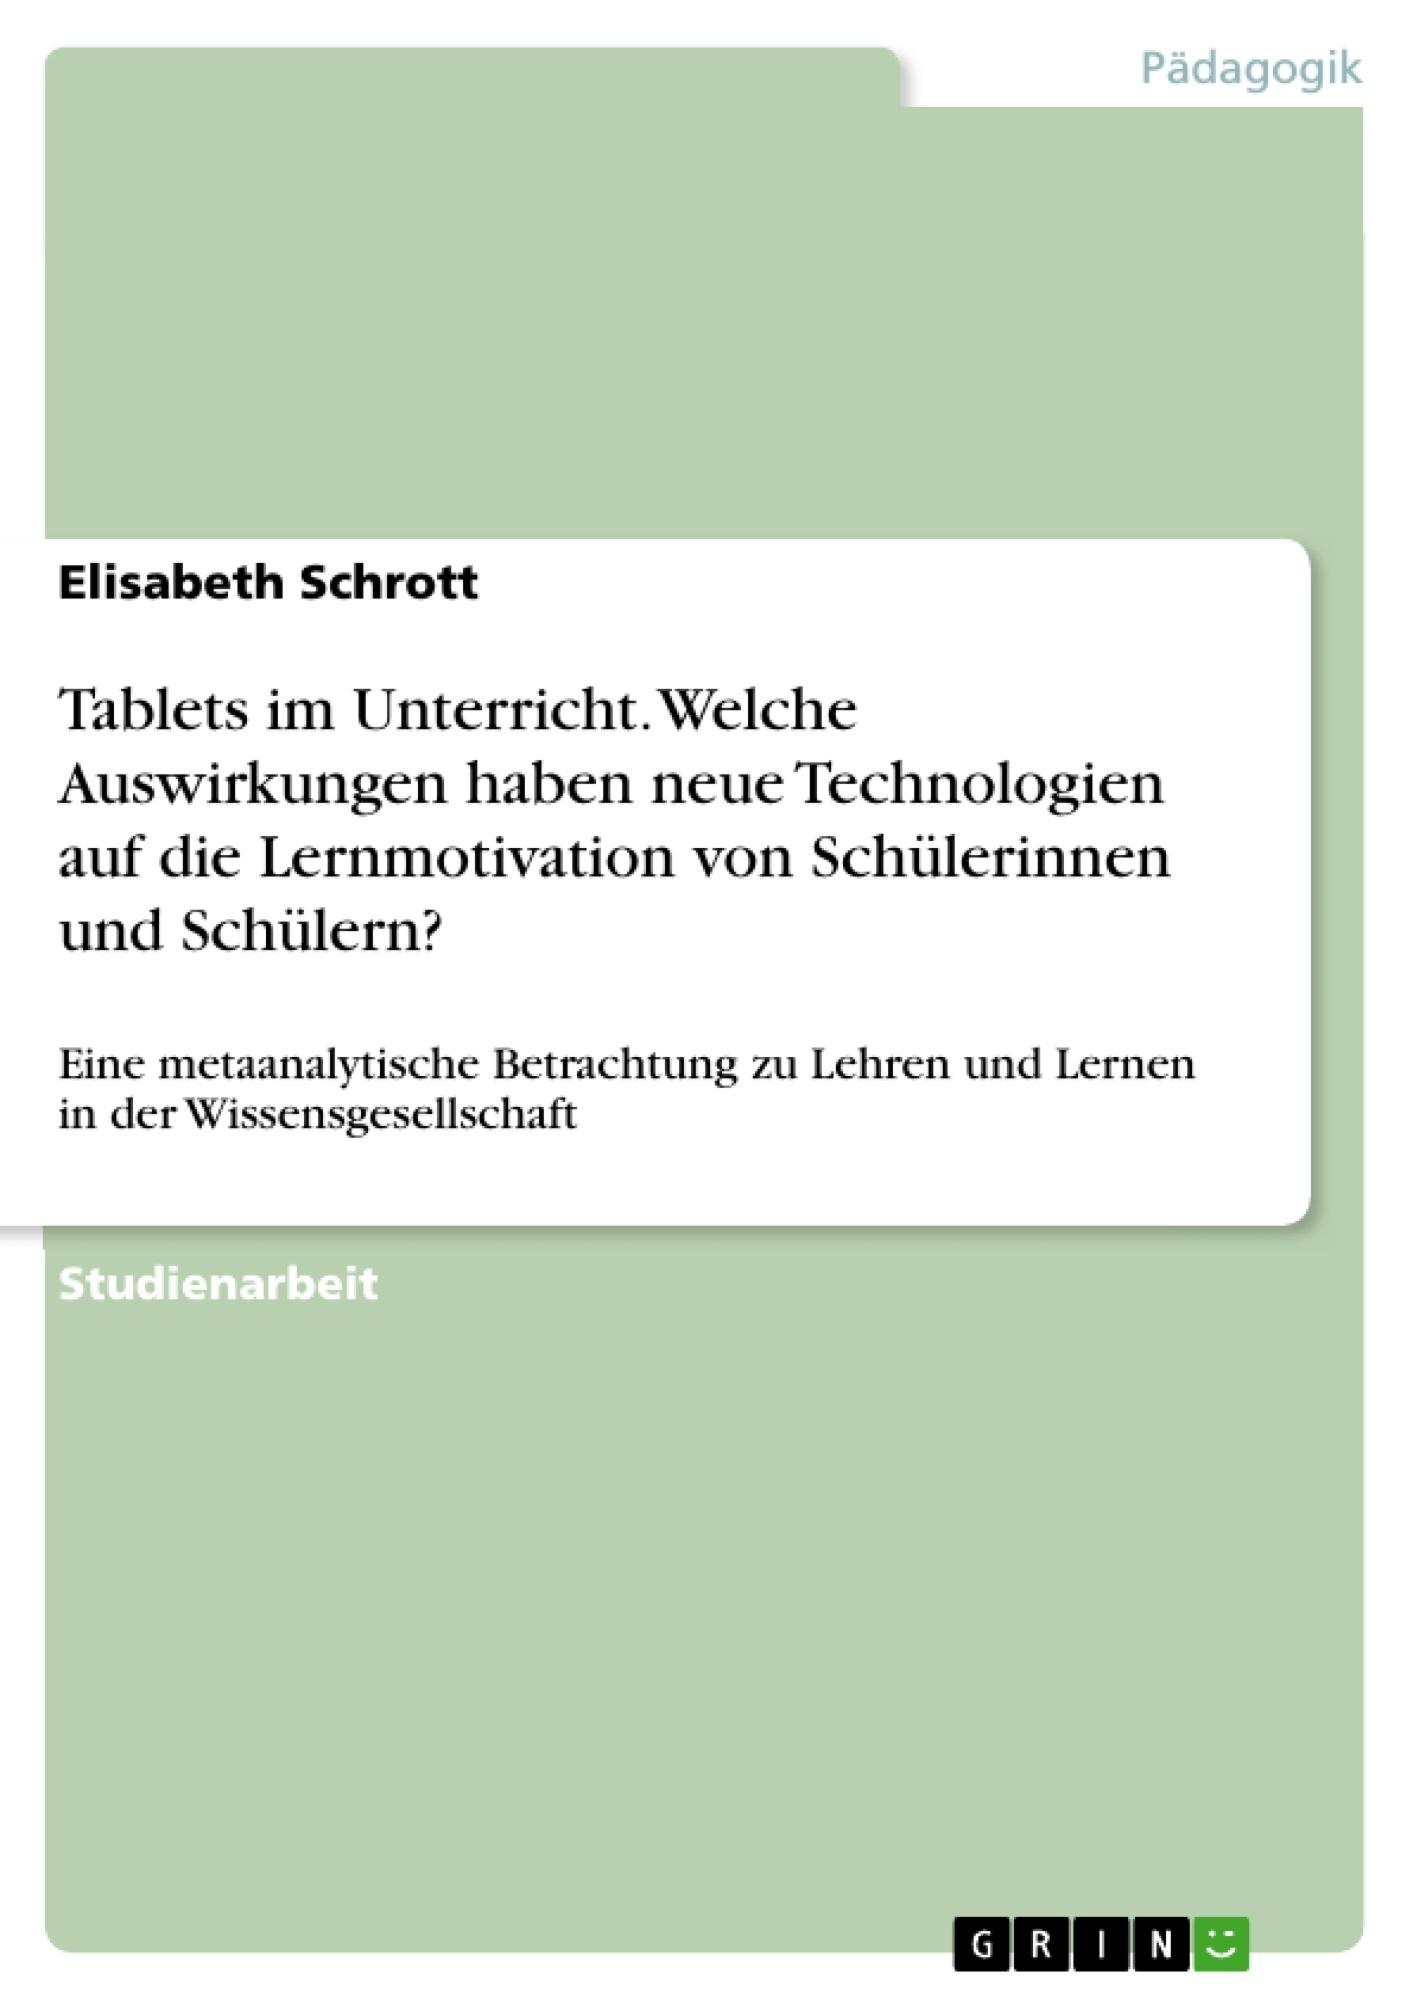 Titel: Tablets im Unterricht. Welche Auswirkungen haben neue Technologien auf die Lernmotivation von Schülerinnen und Schülern?